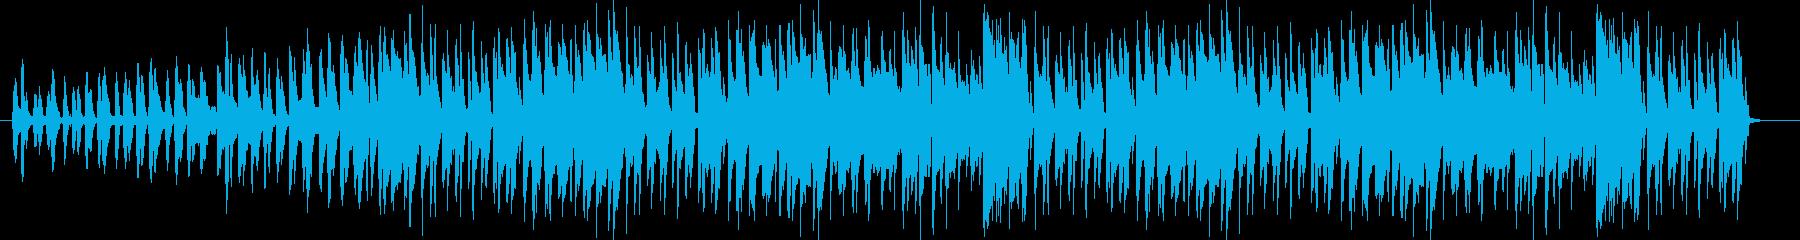 軽快なファンタジー音楽の再生済みの波形